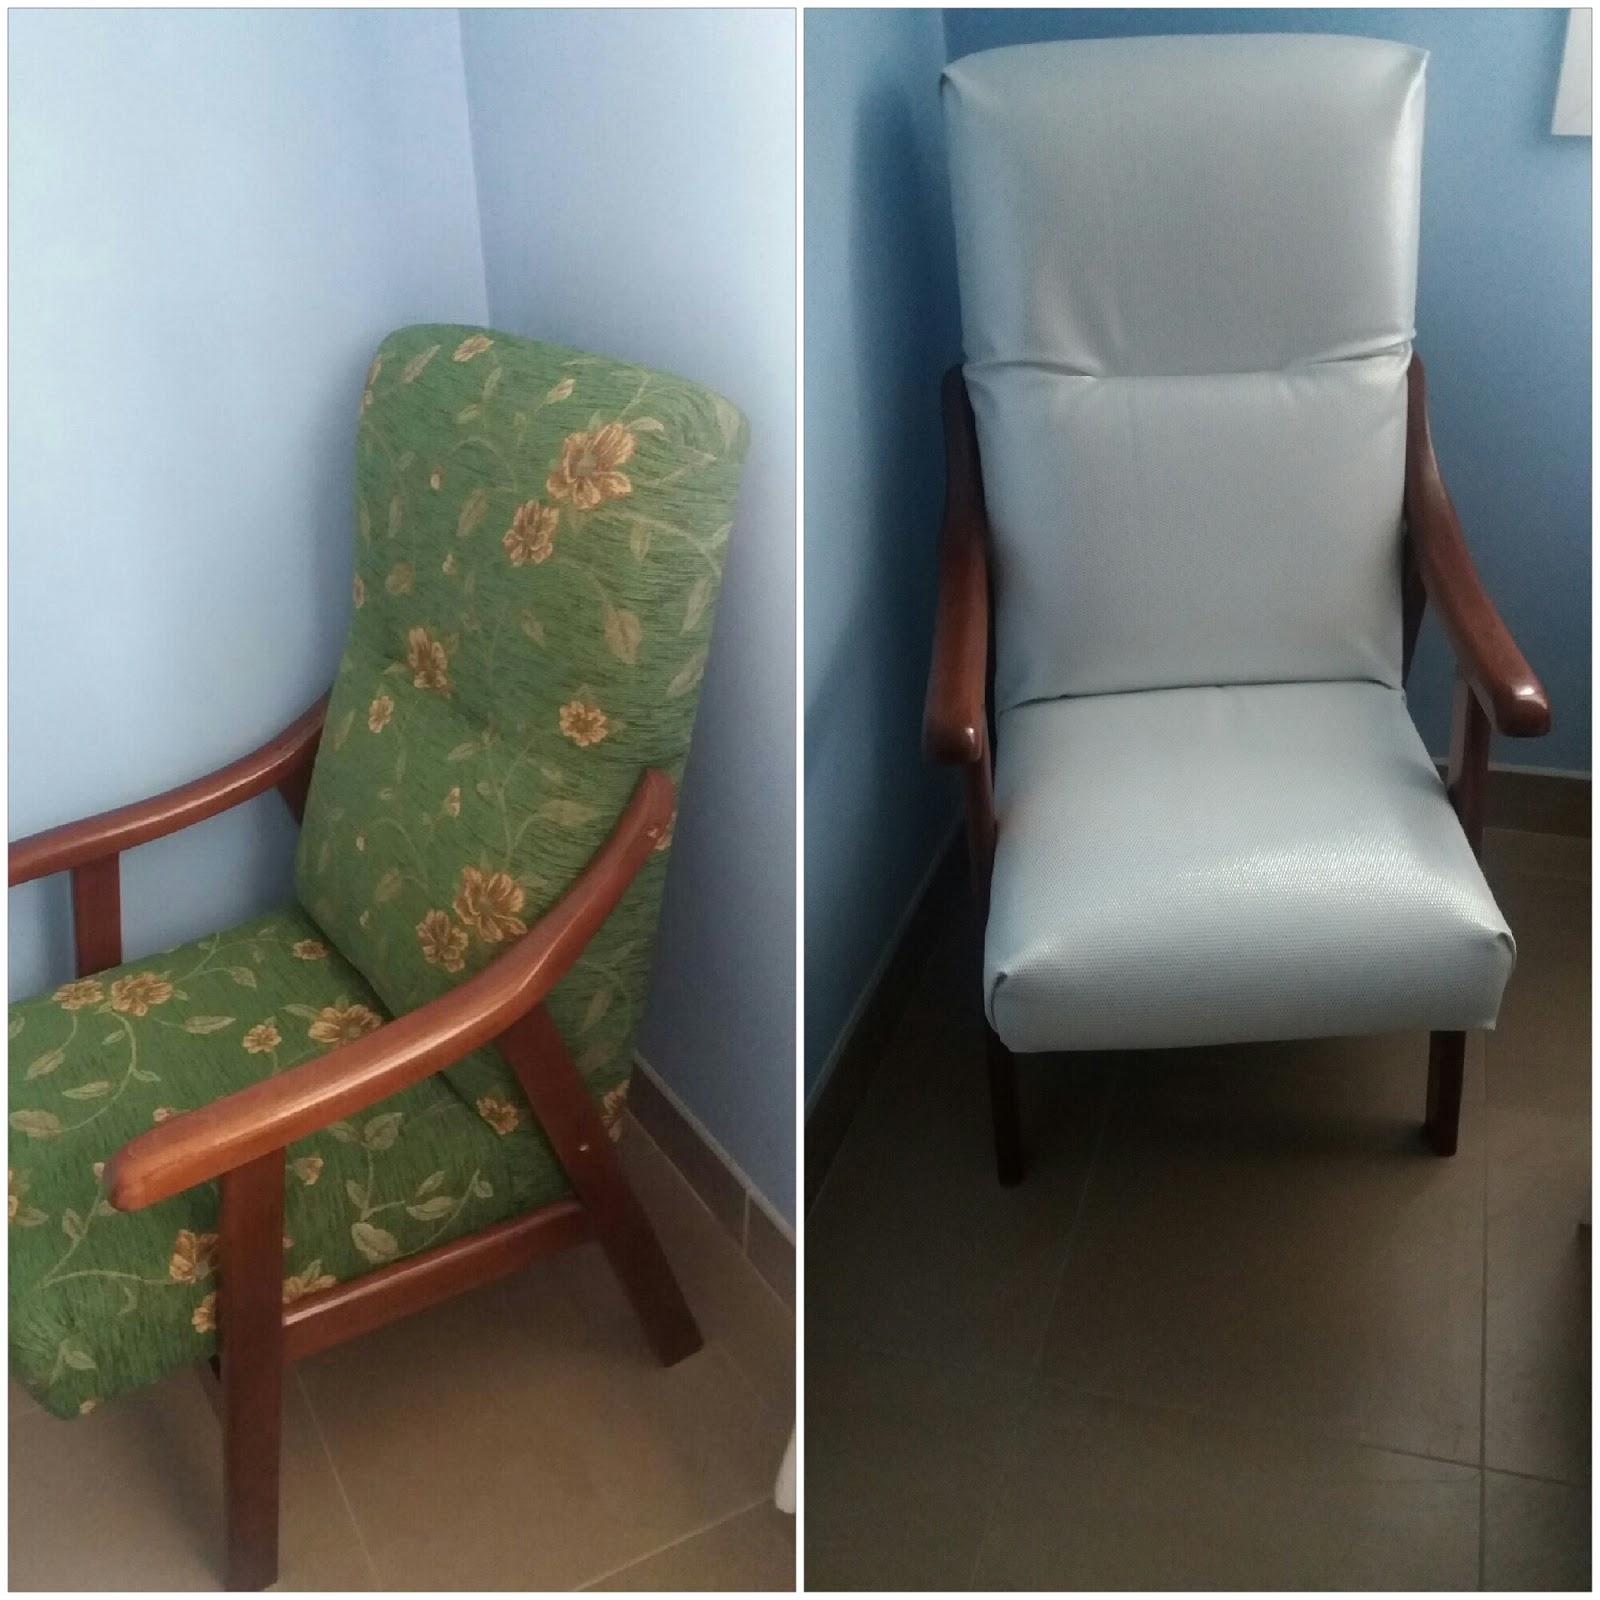 Tapizar butaca cmo tapizar una silla en piel with tapizar - Precio tapizar butaca ...